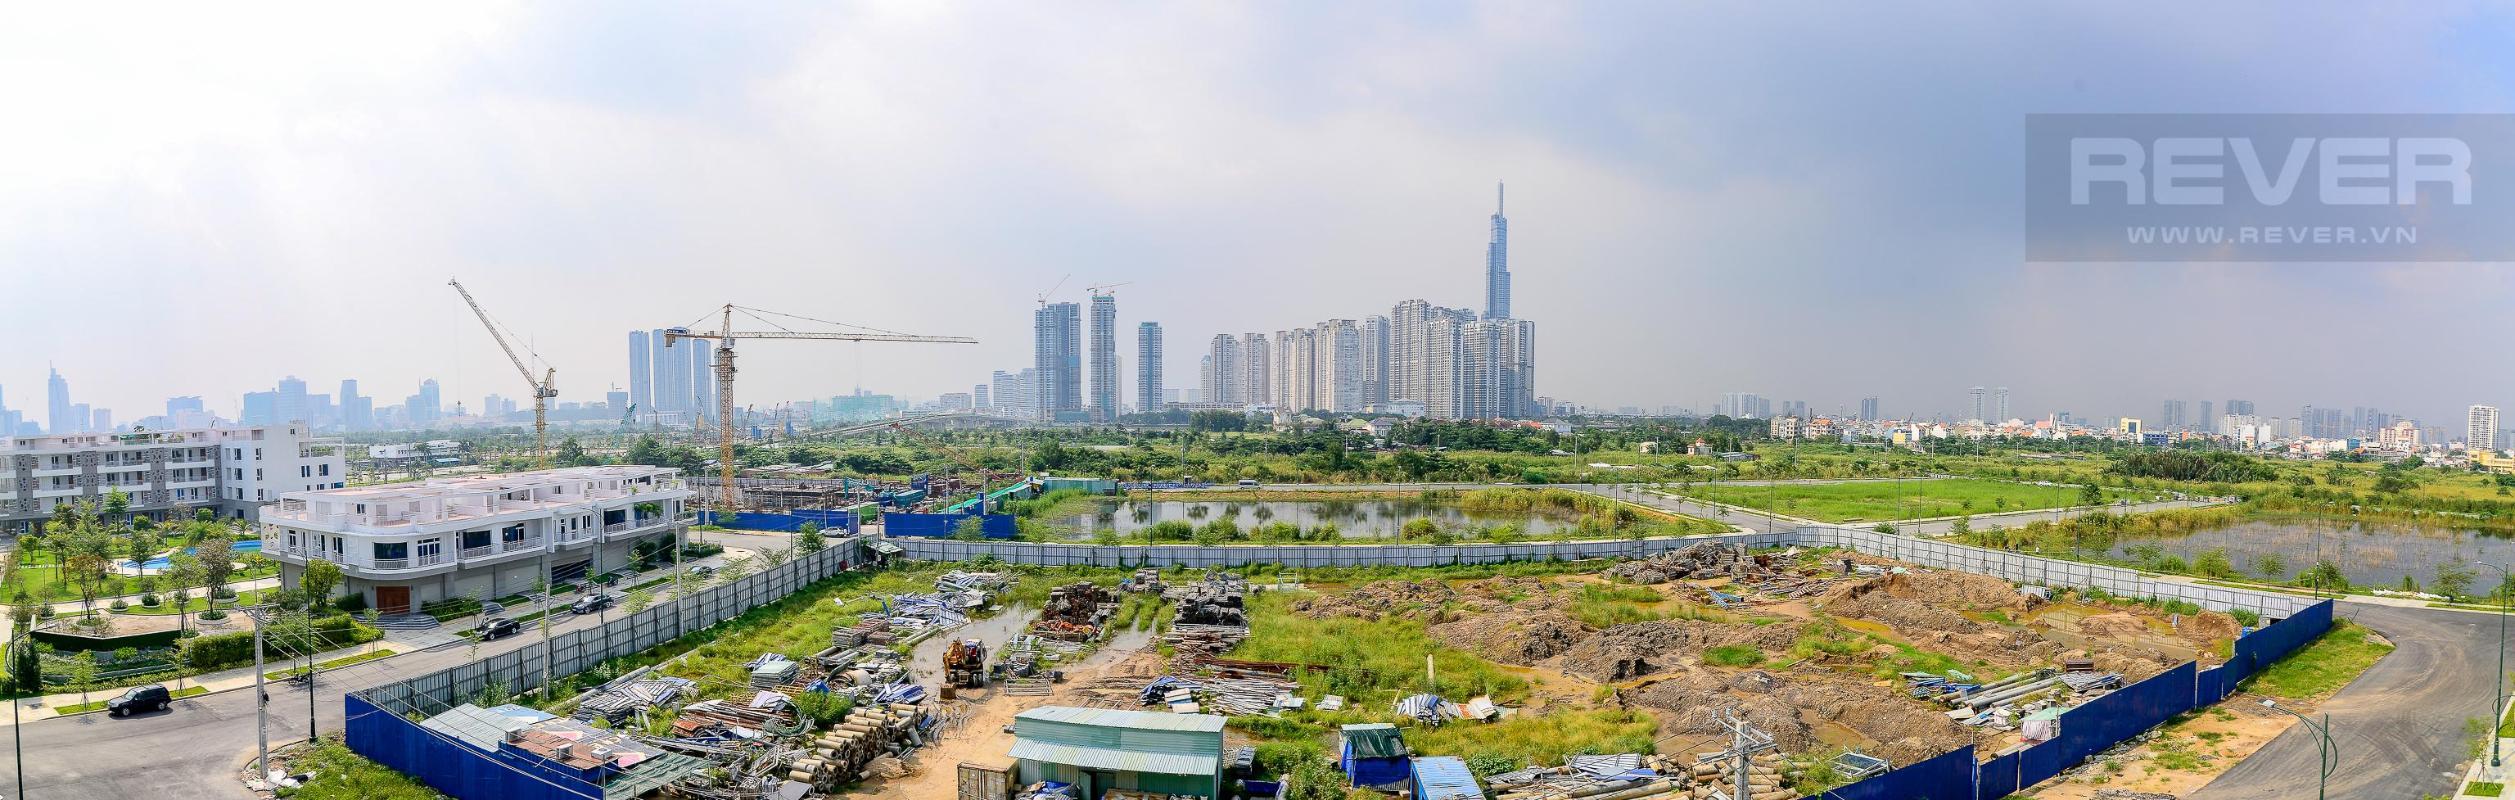 viêw Cho thuê căn hộ Thủ Thiêm Lakeview 3PN, diện tích 120m2, nội thất cơ bản, view Landmark 81